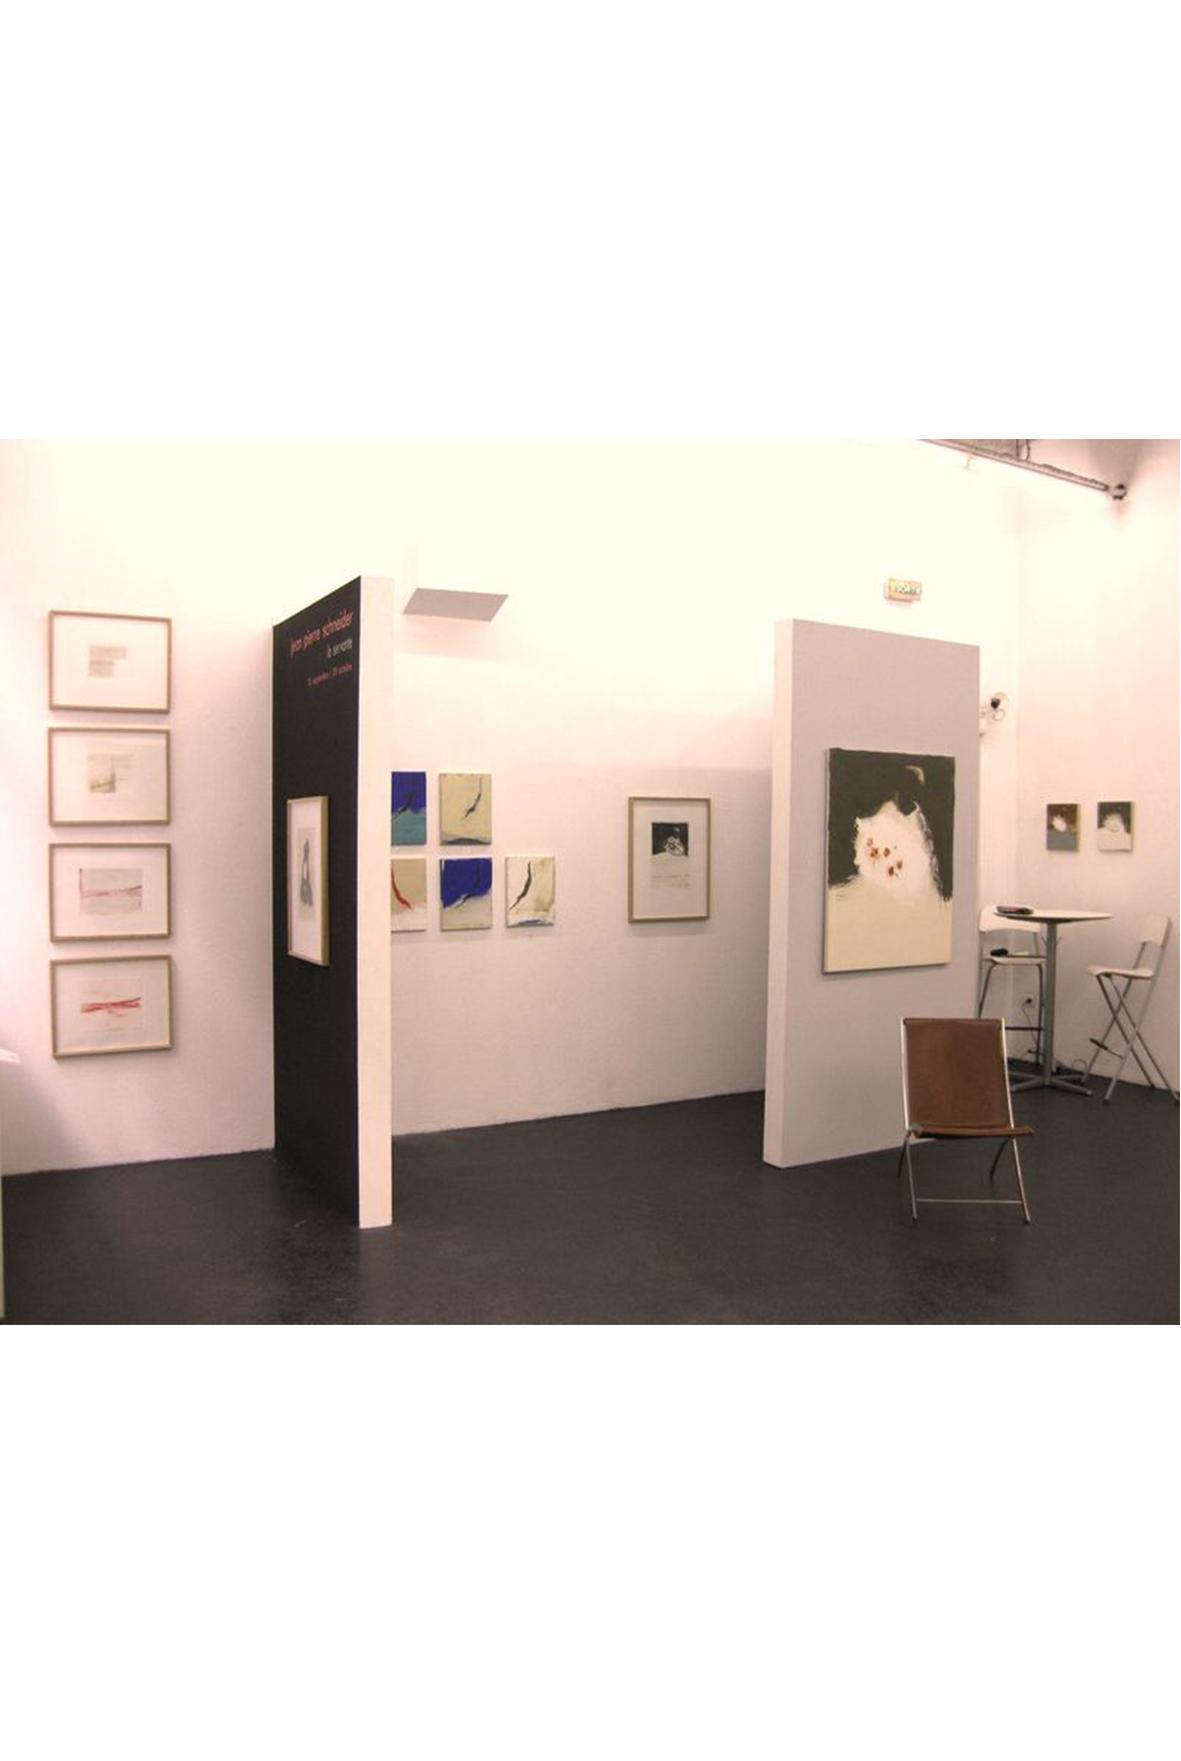 exposition Jean pierre Schneider, galerie d'art lyon, art contemporain lyon, galerie Lyon